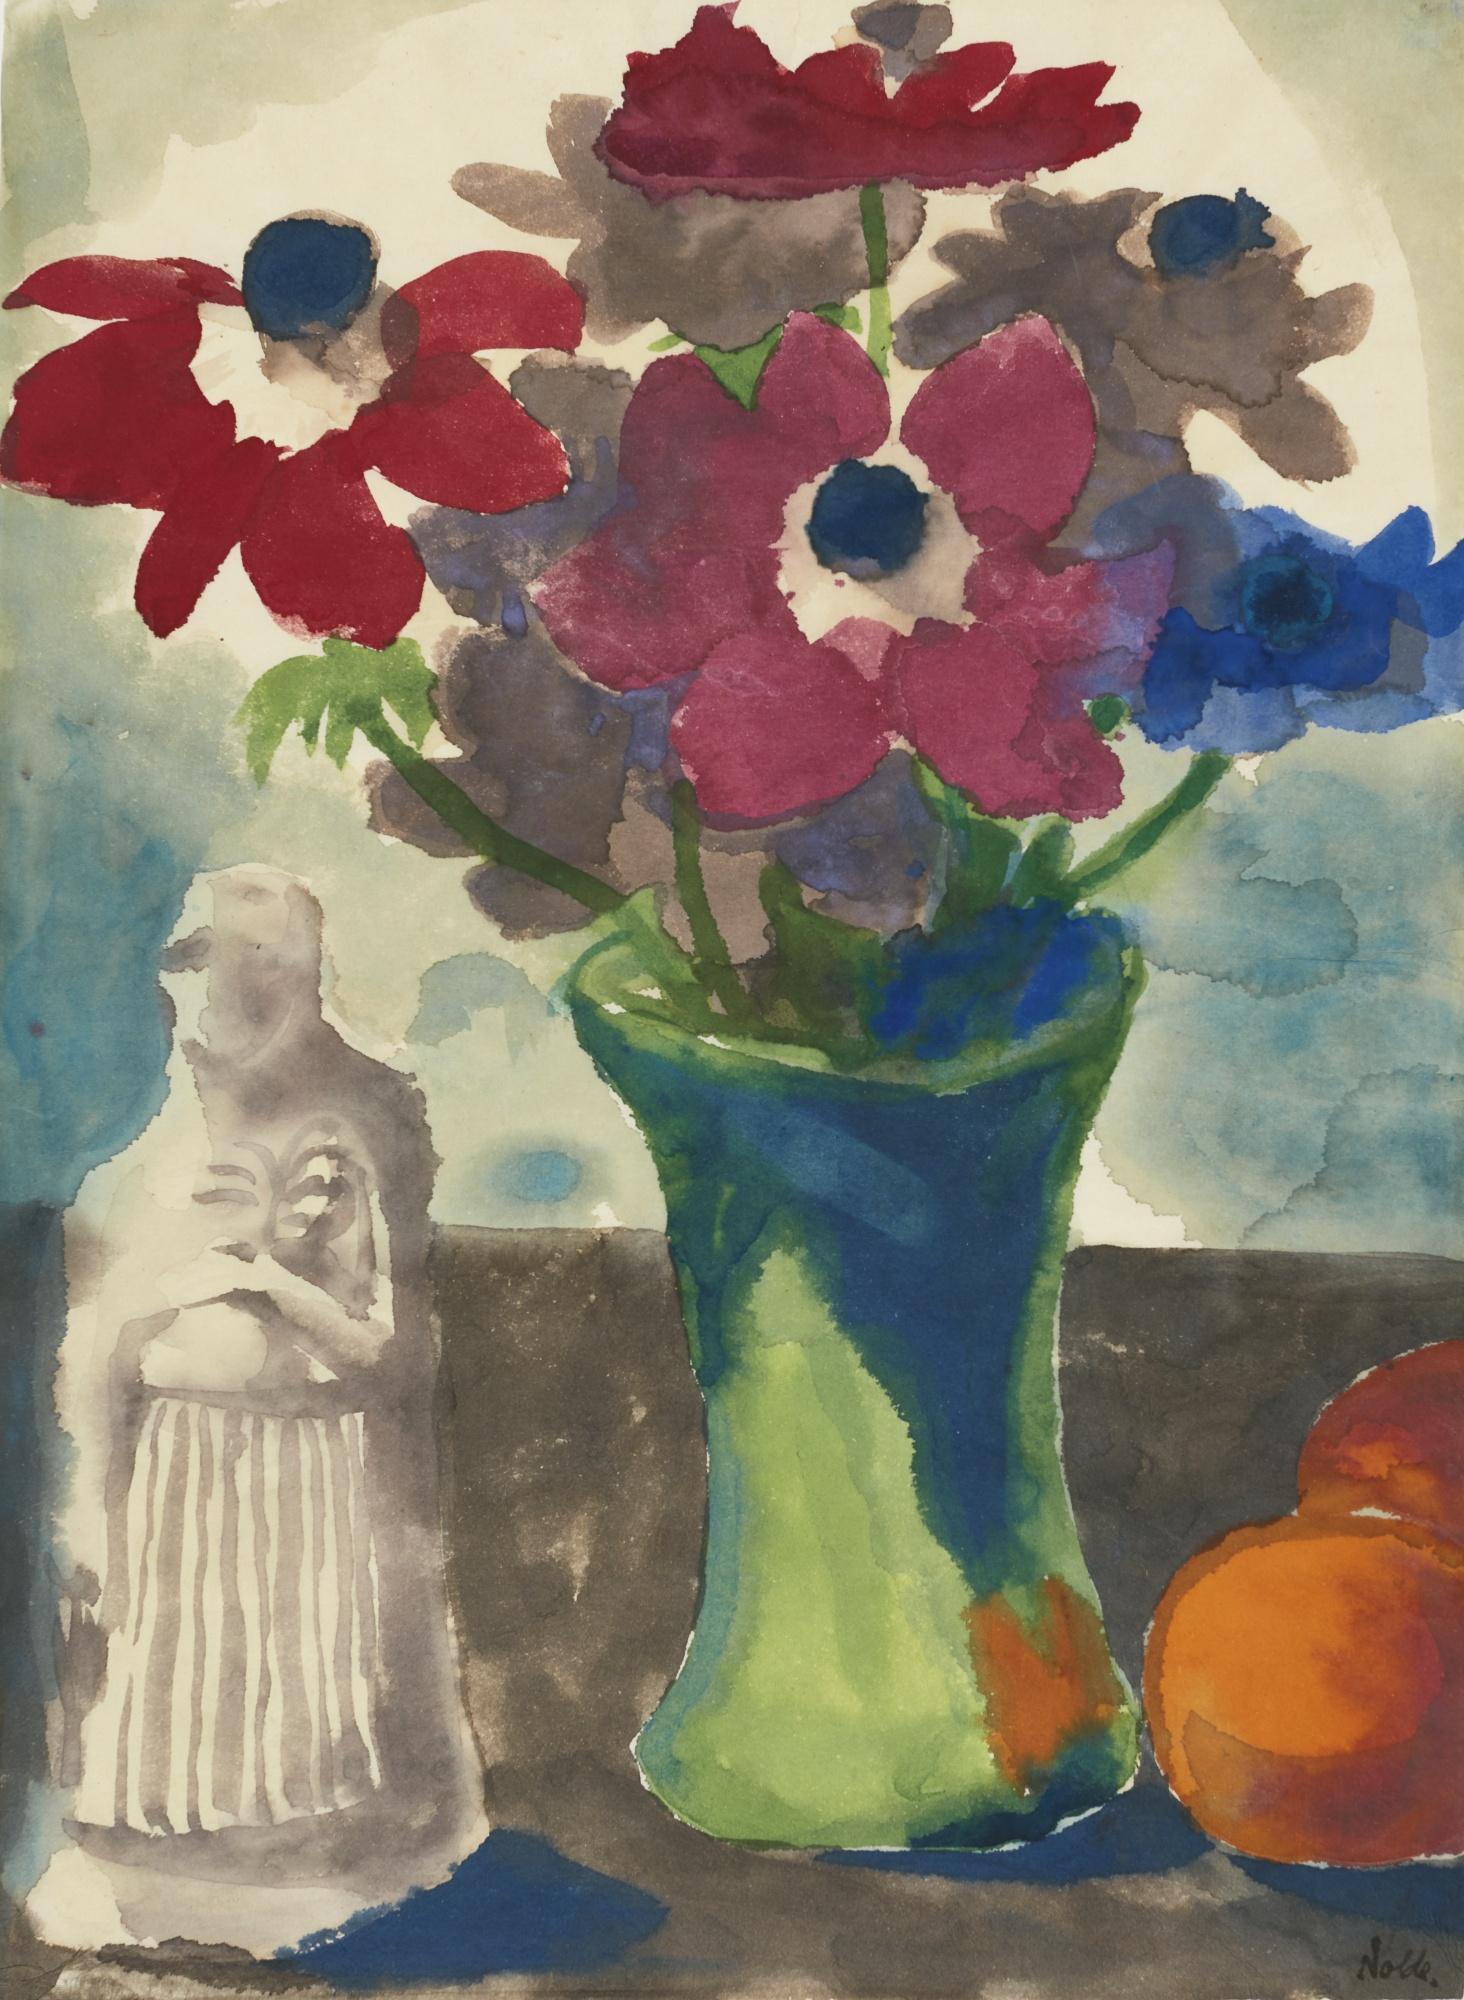 Emil Nolde-Anemonen In Gruner Vase, Orangen Und Eine Skulptur (Anemones In A Green Vase, Oranges And A Sculpture)-1930